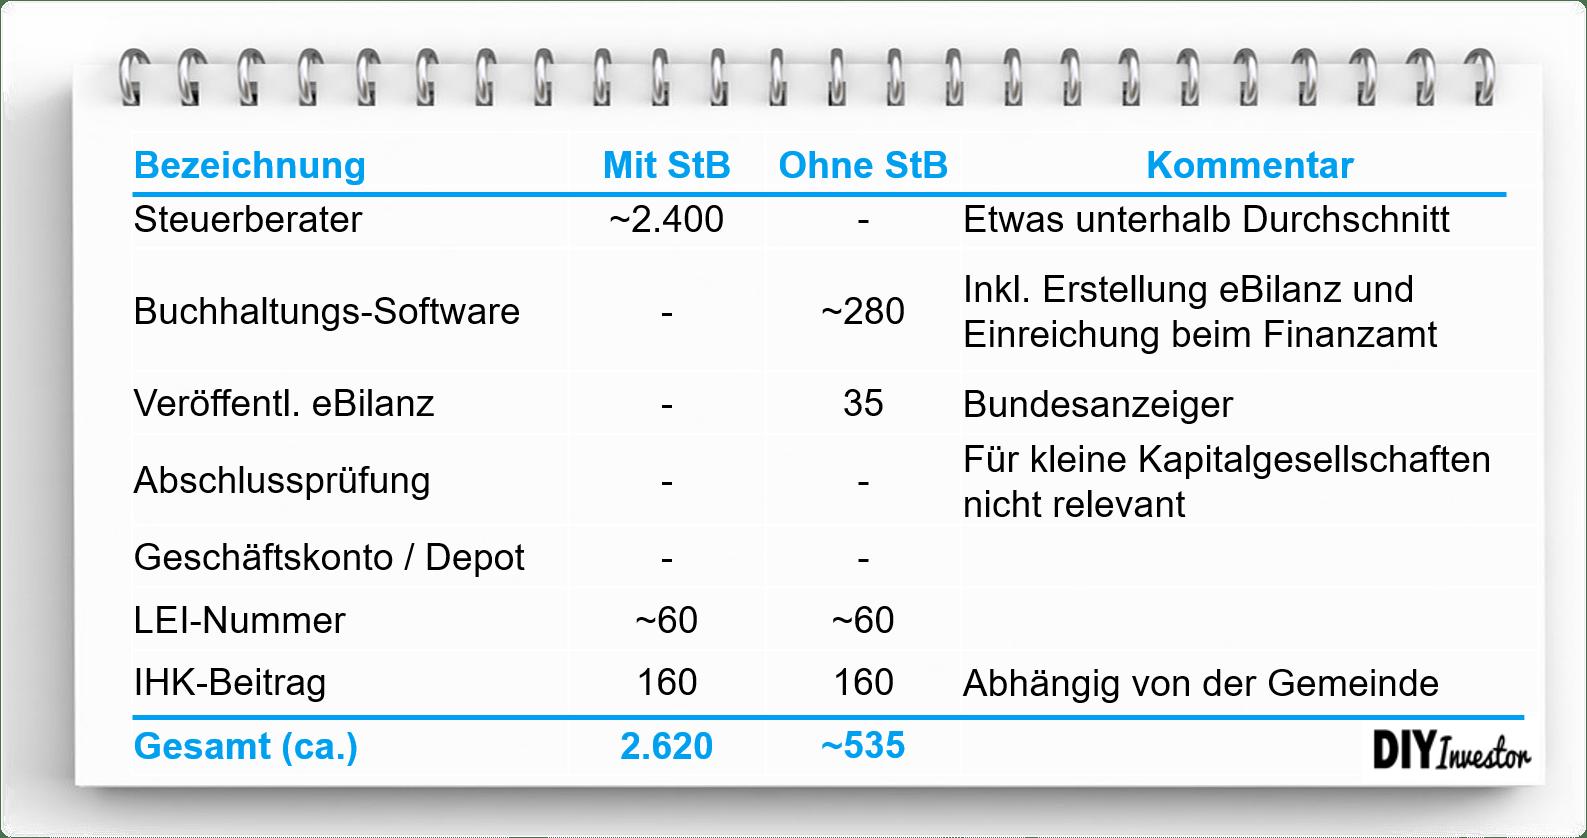 Vermögensverwaltende GmbH - Strukturkosten Übersicht